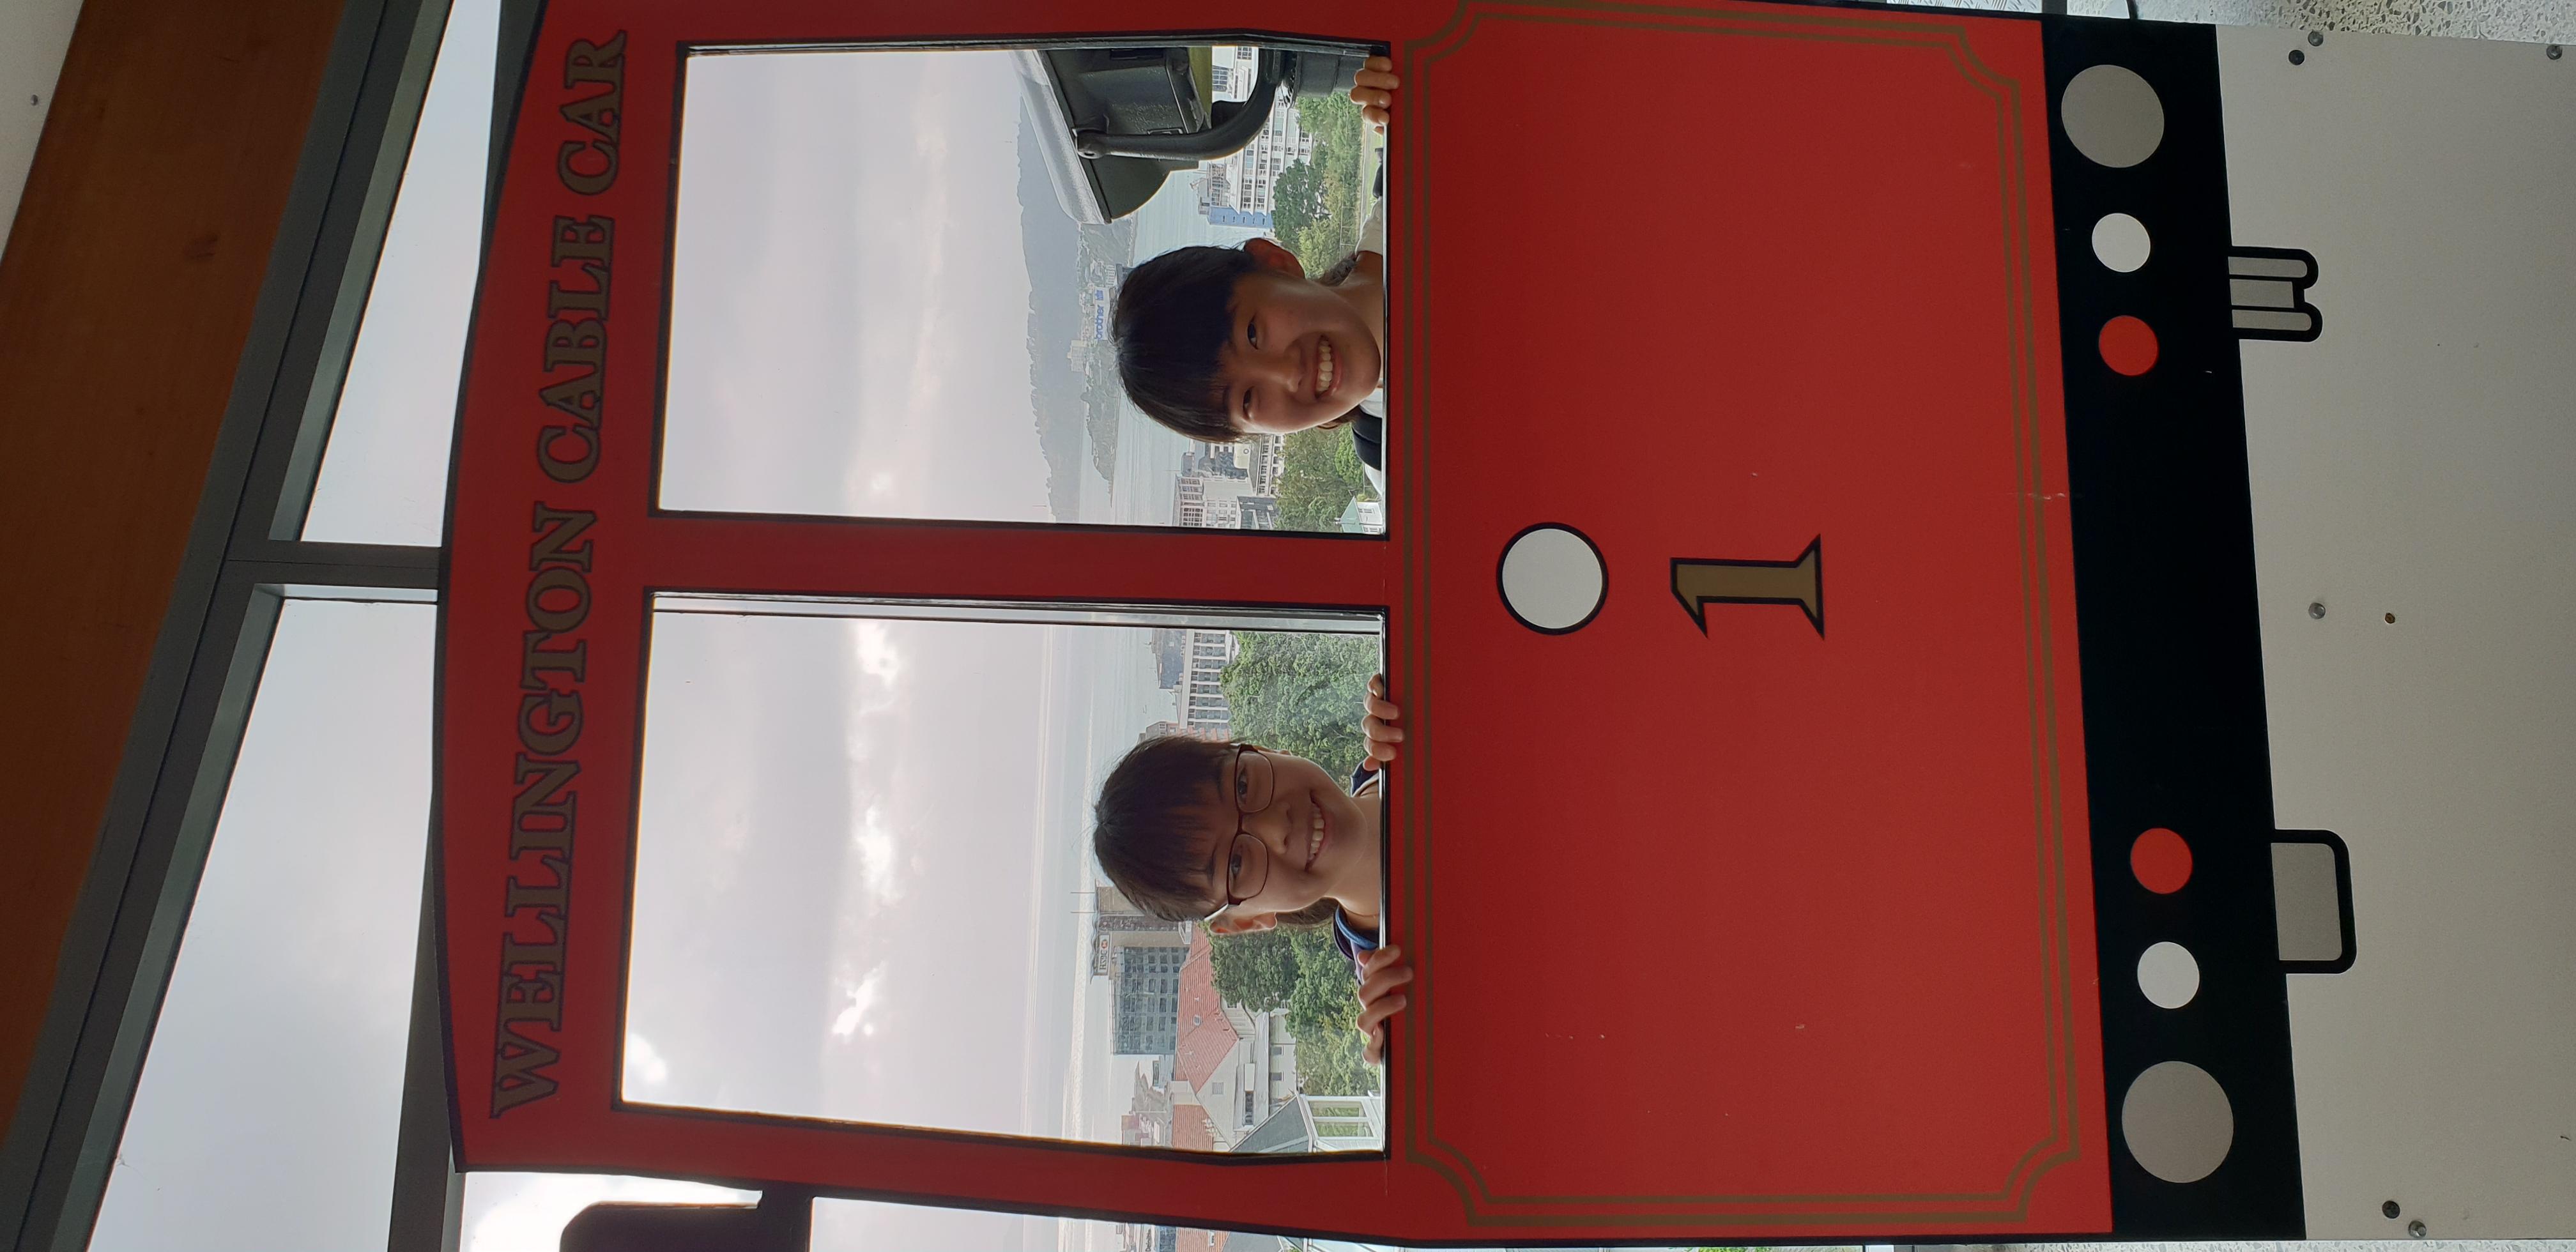 Cable car haruna